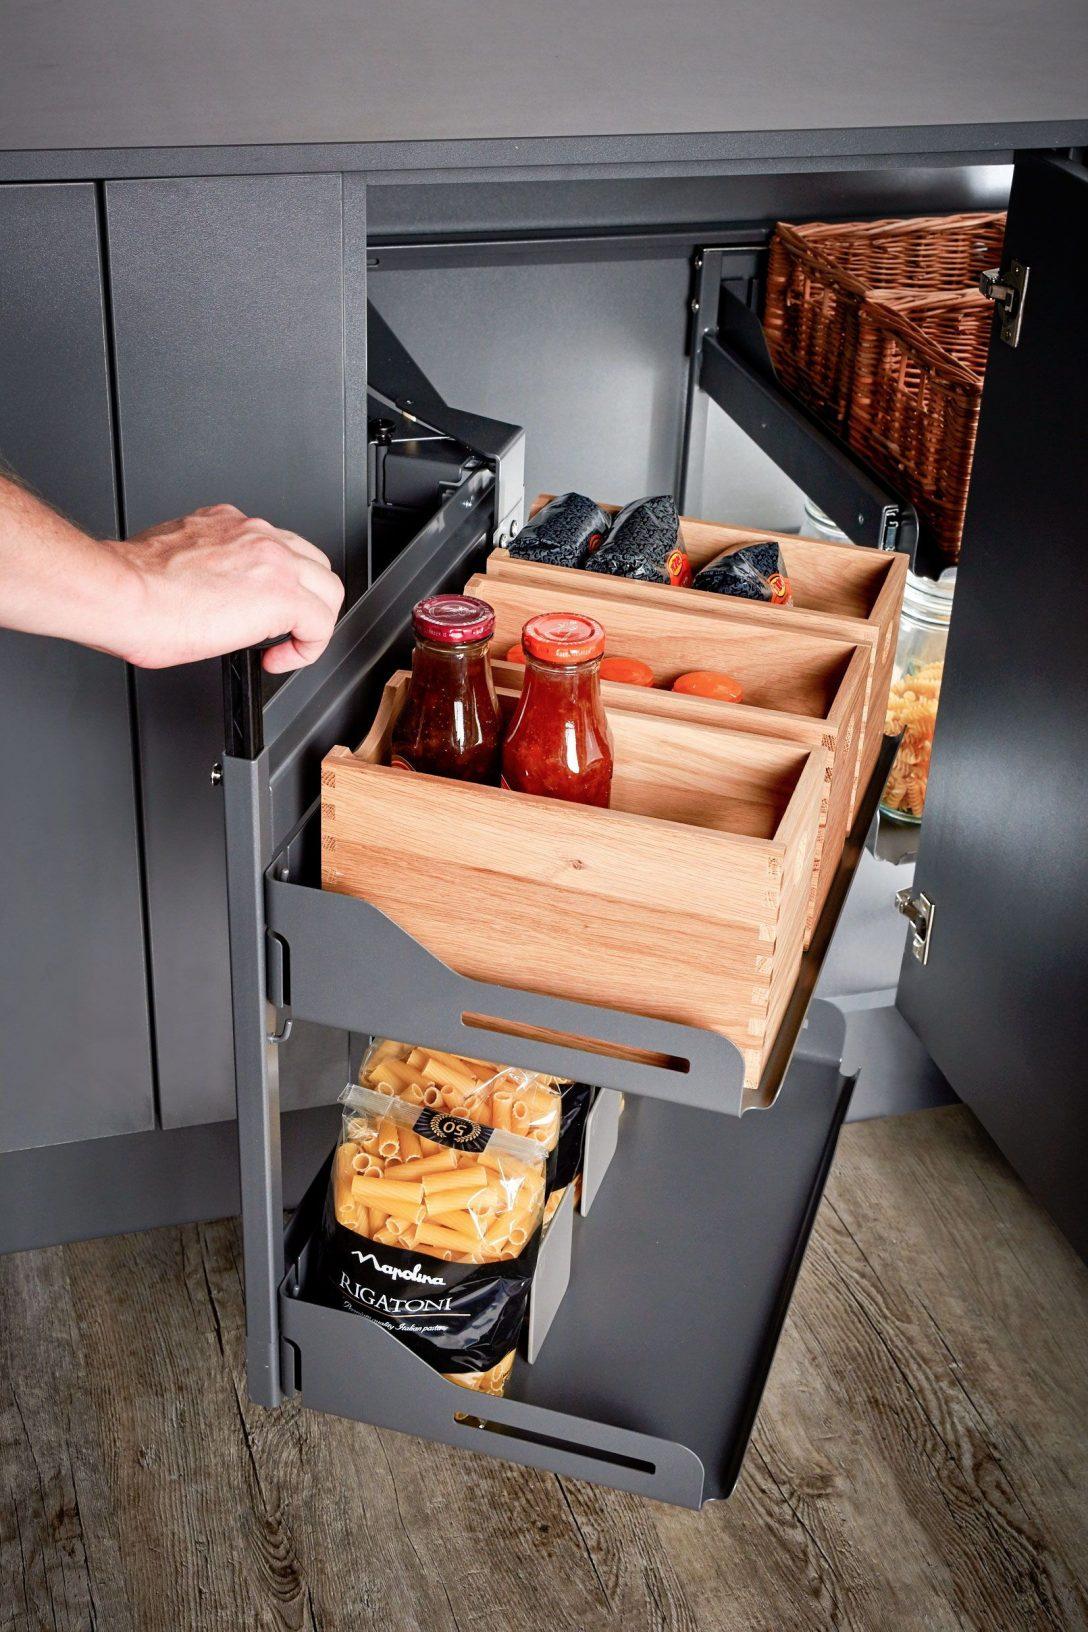 Large Size of Ikea Eckschrank Küche Anleitung Eckschrank Küche Rondell Ikea Eckschrank Küche Oben Eckschrank Küche Nobilia Küche Eckschrank Küche